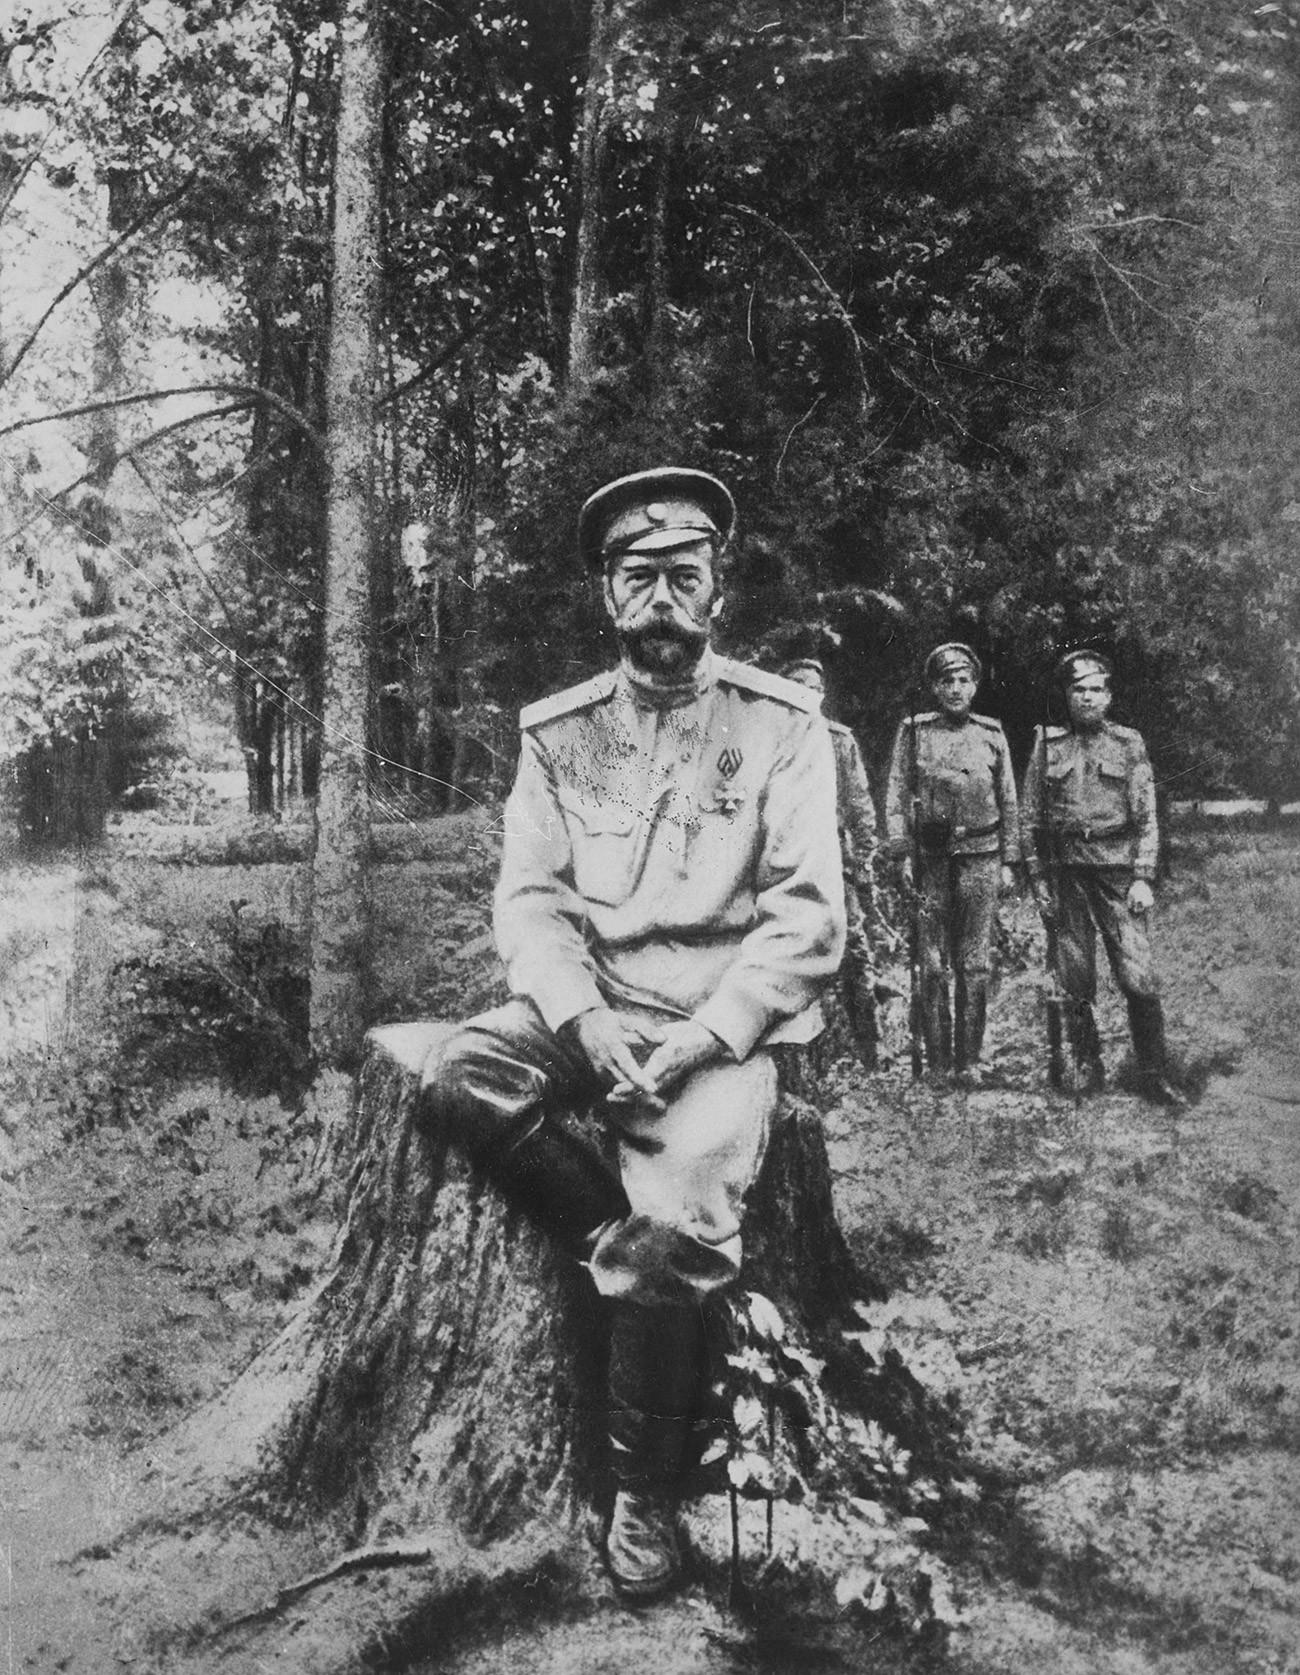 Една од последните фотографии на царот Николај Втори, Екатеринбург, јули 1918